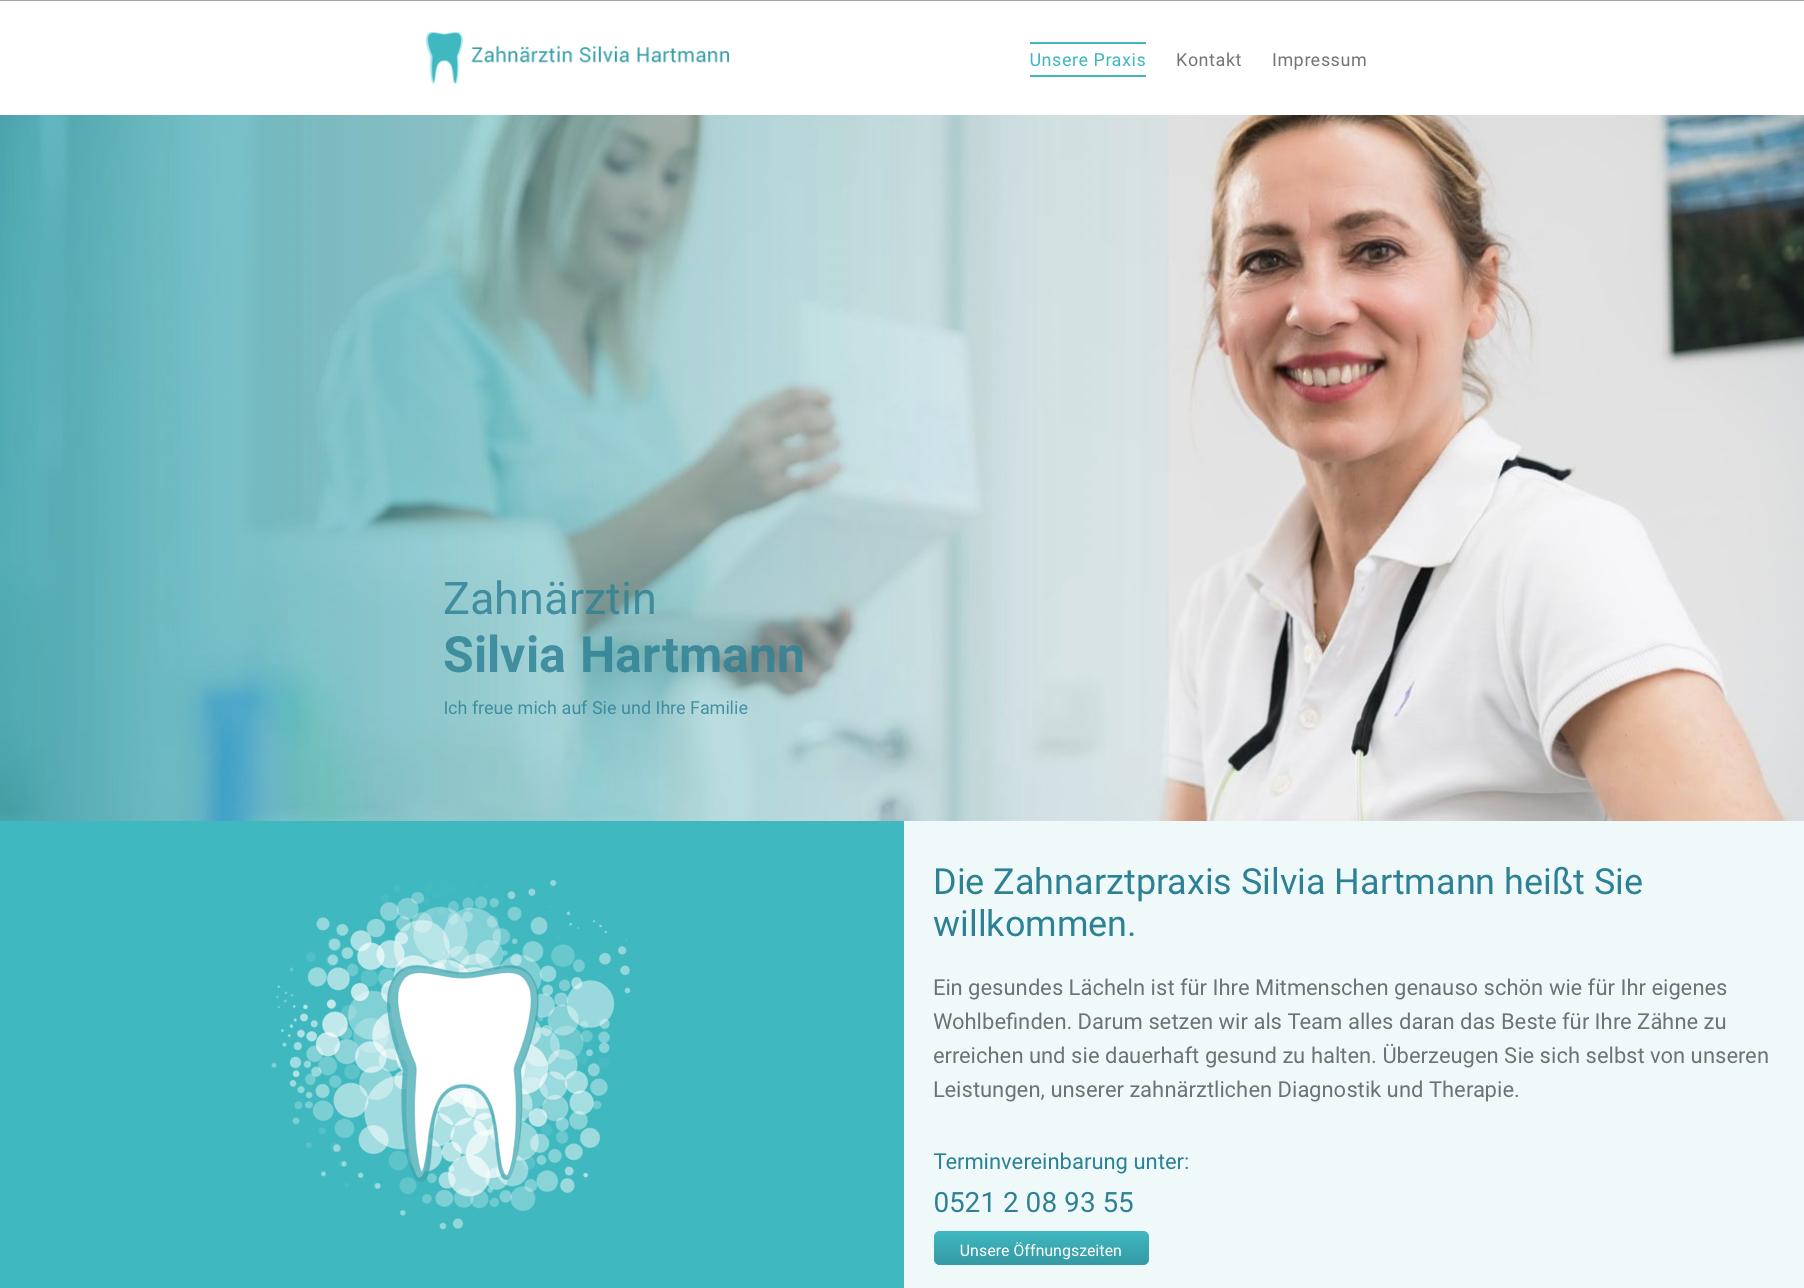 Startseite des Webauftritts Zahnarztpraxis Silvia Hartmann in Bielefeld